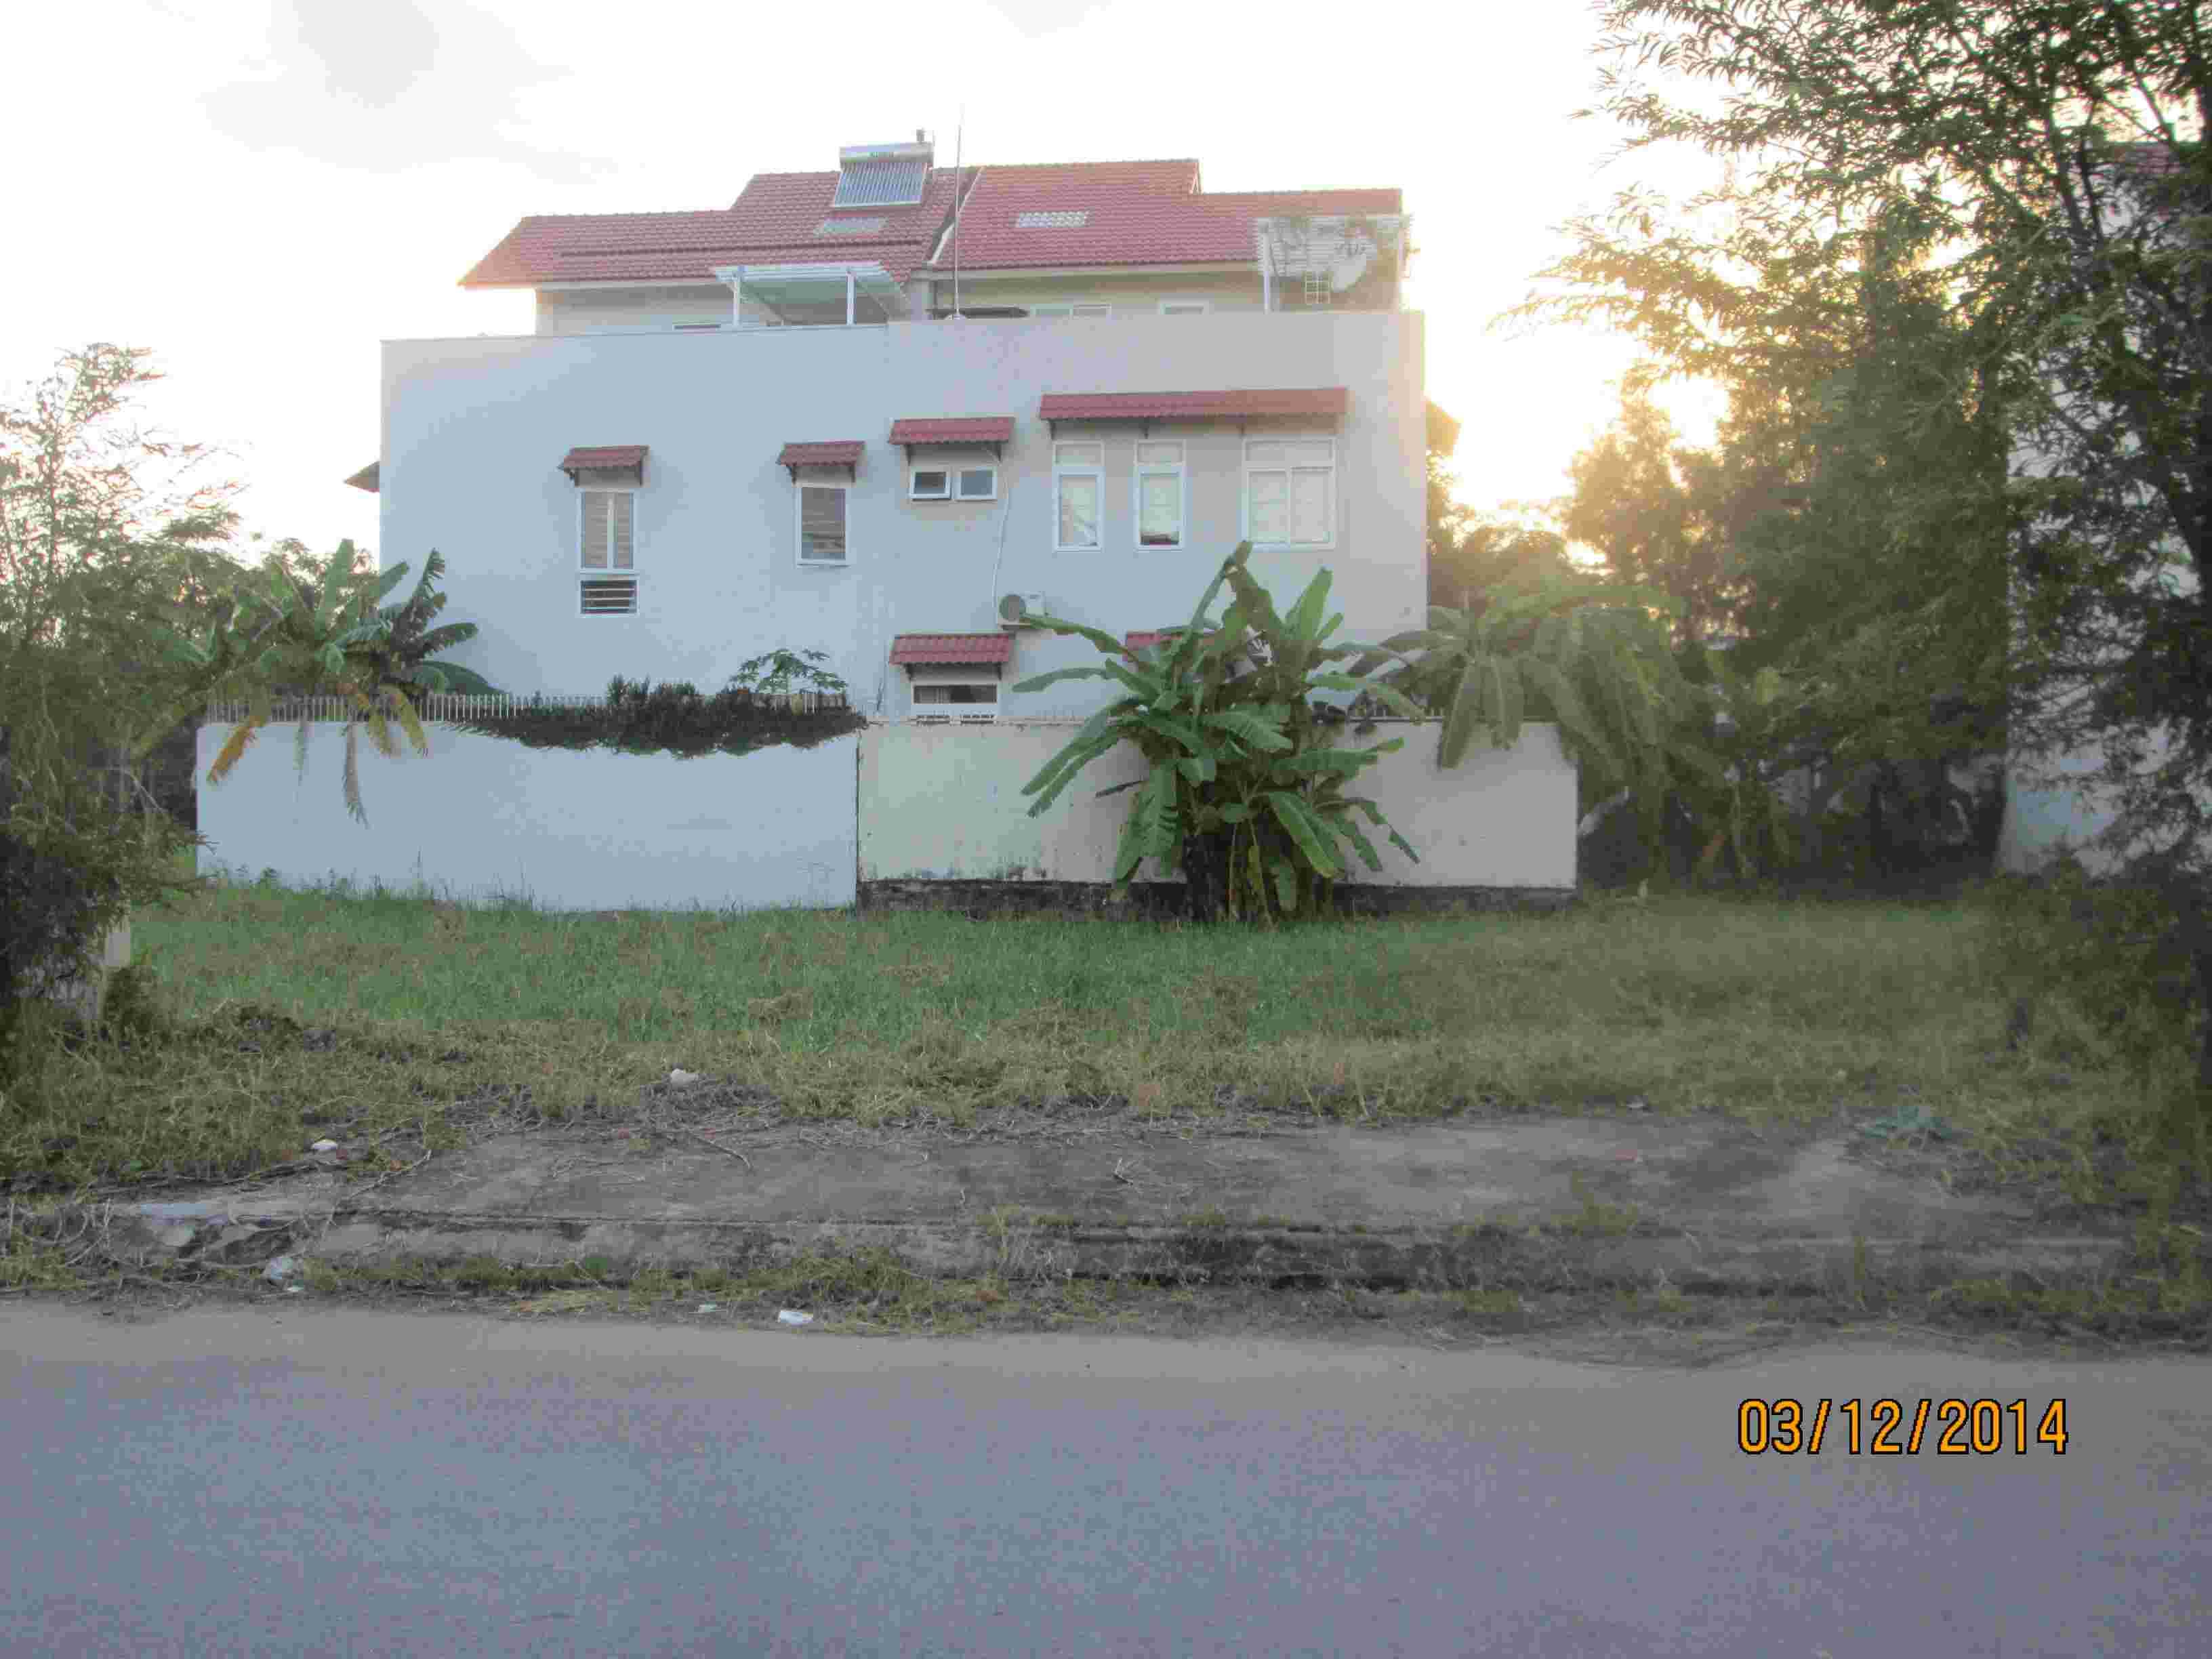 Bán đất nền biệt thự Sadeco Phước Kiển A, lô C14, 200m2, MT đường 16m, hướng Đông, giá 76 triệu/m2